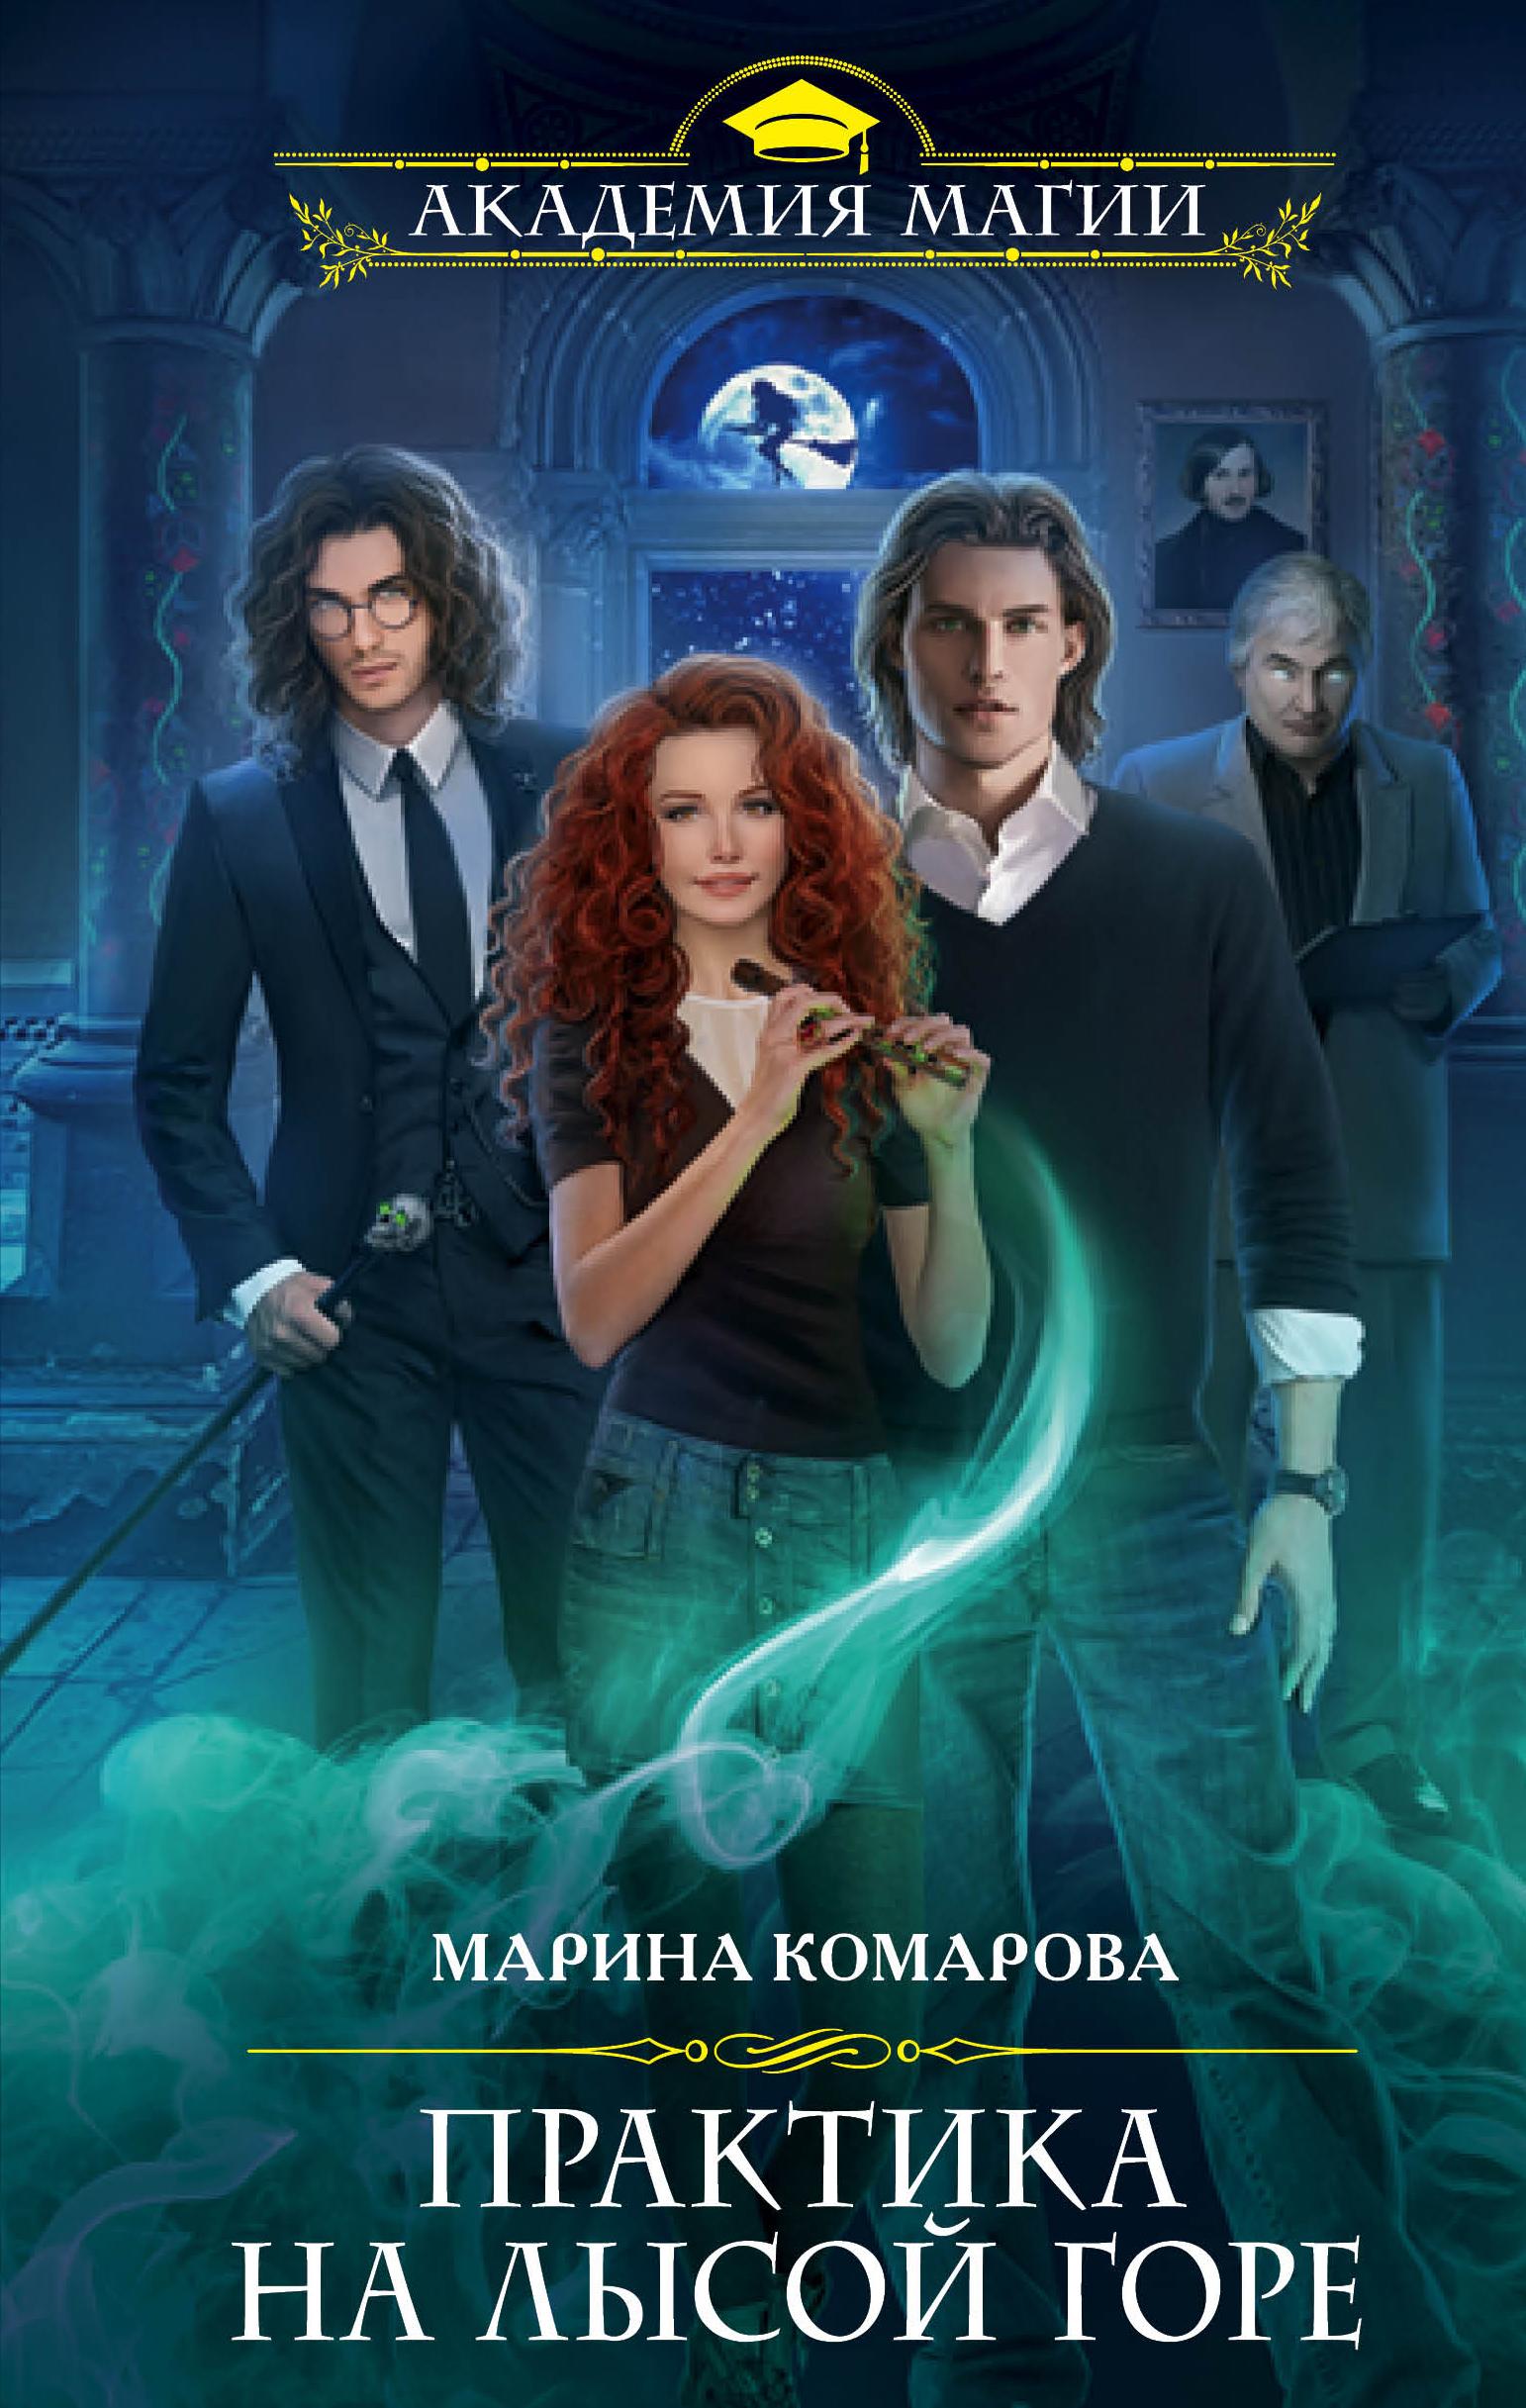 Скачать академия вампиров 3 книга fb2